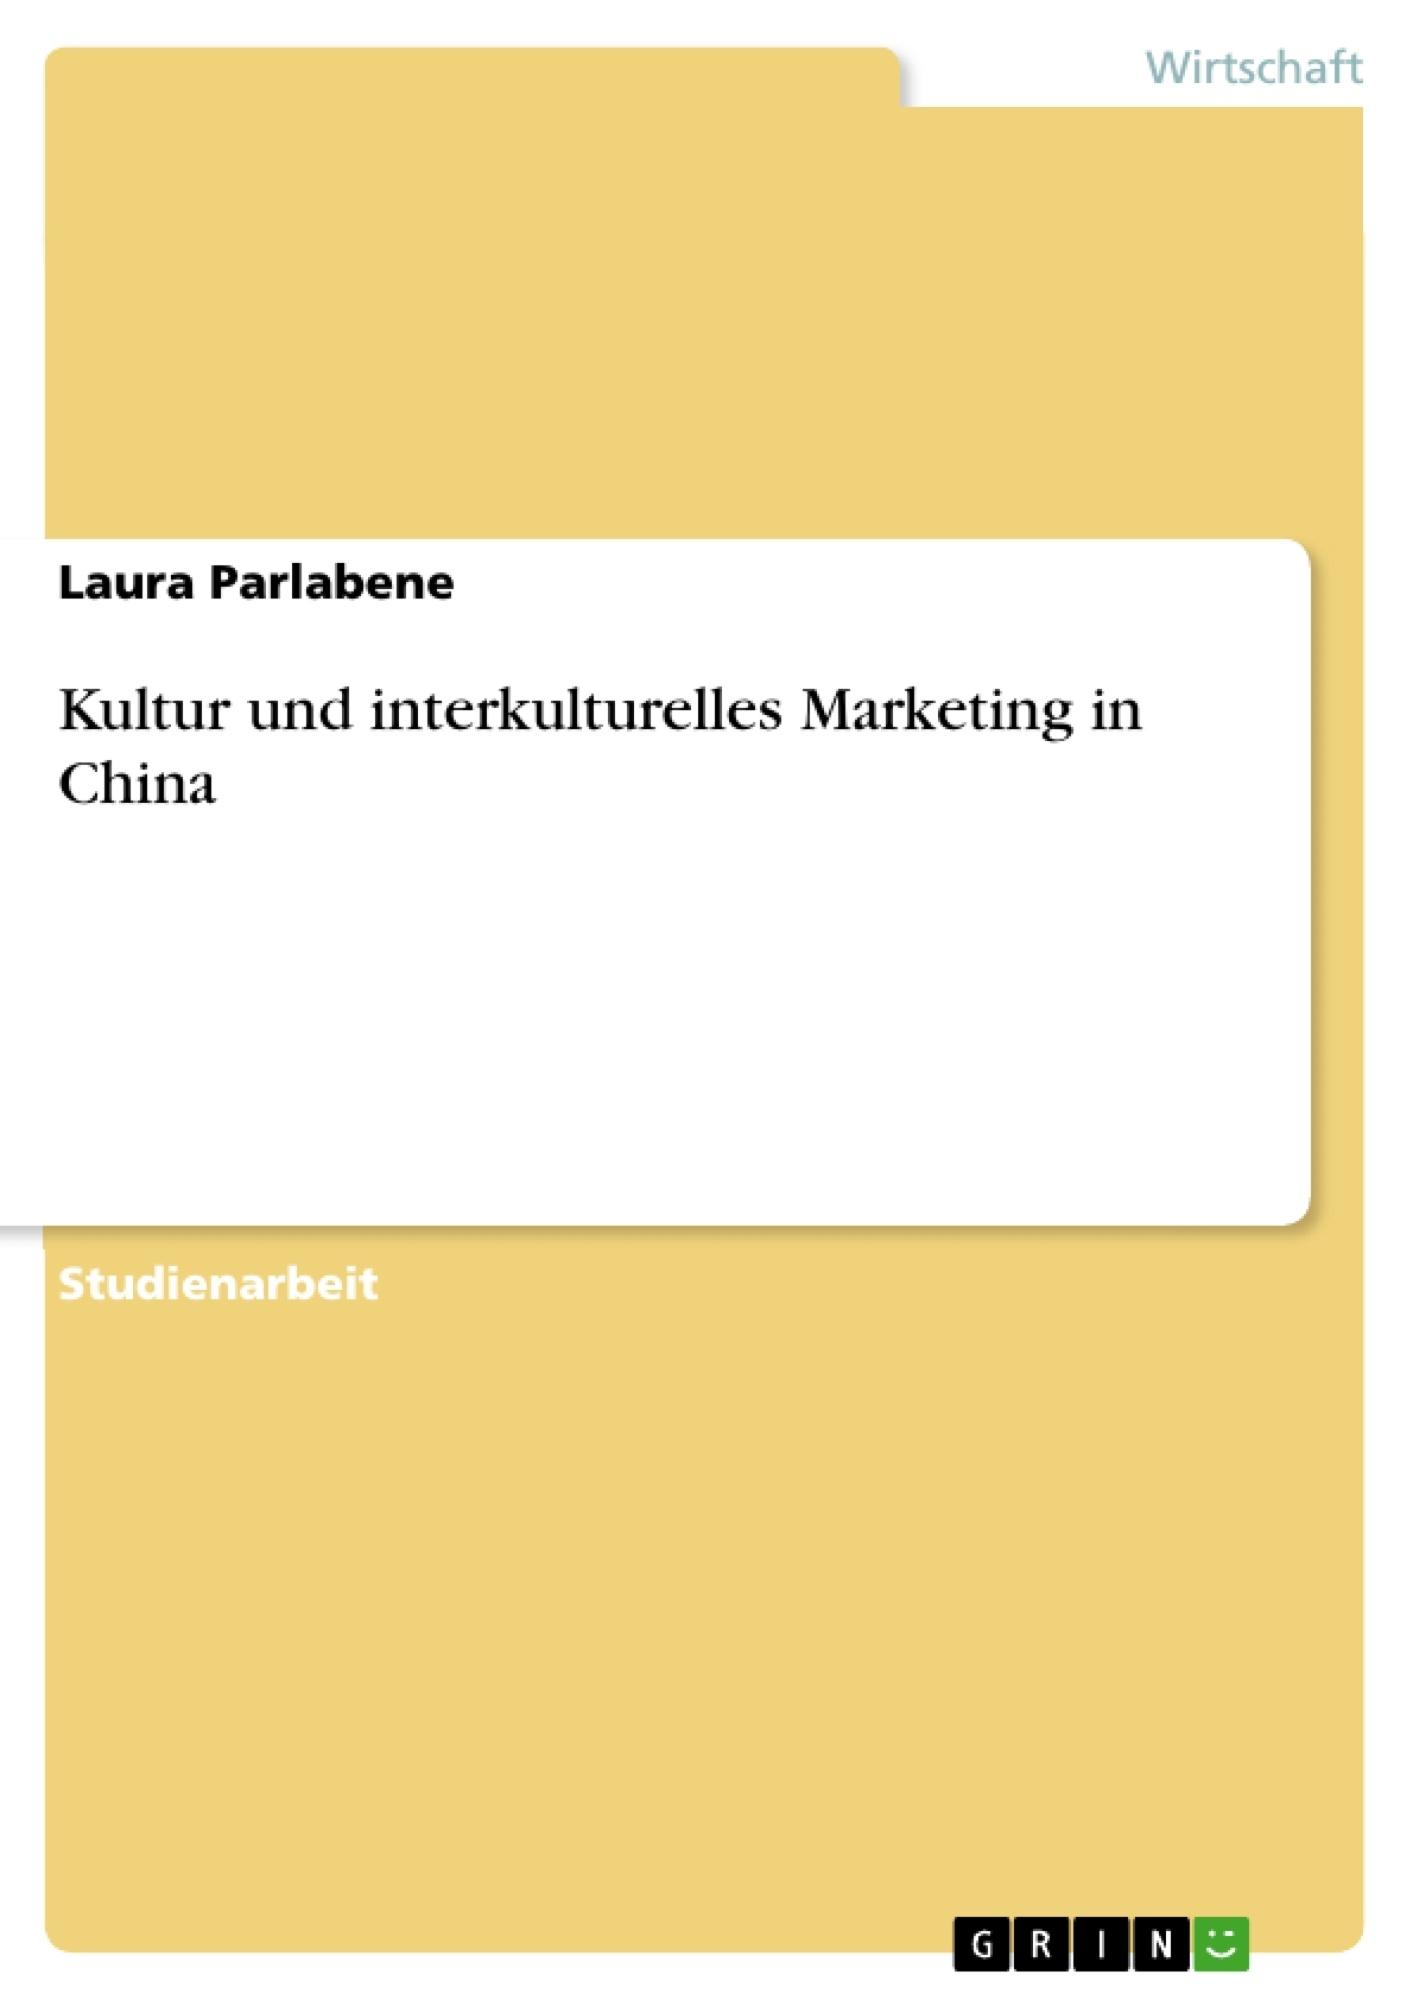 Titel: Kultur und interkulturelles Marketing in China